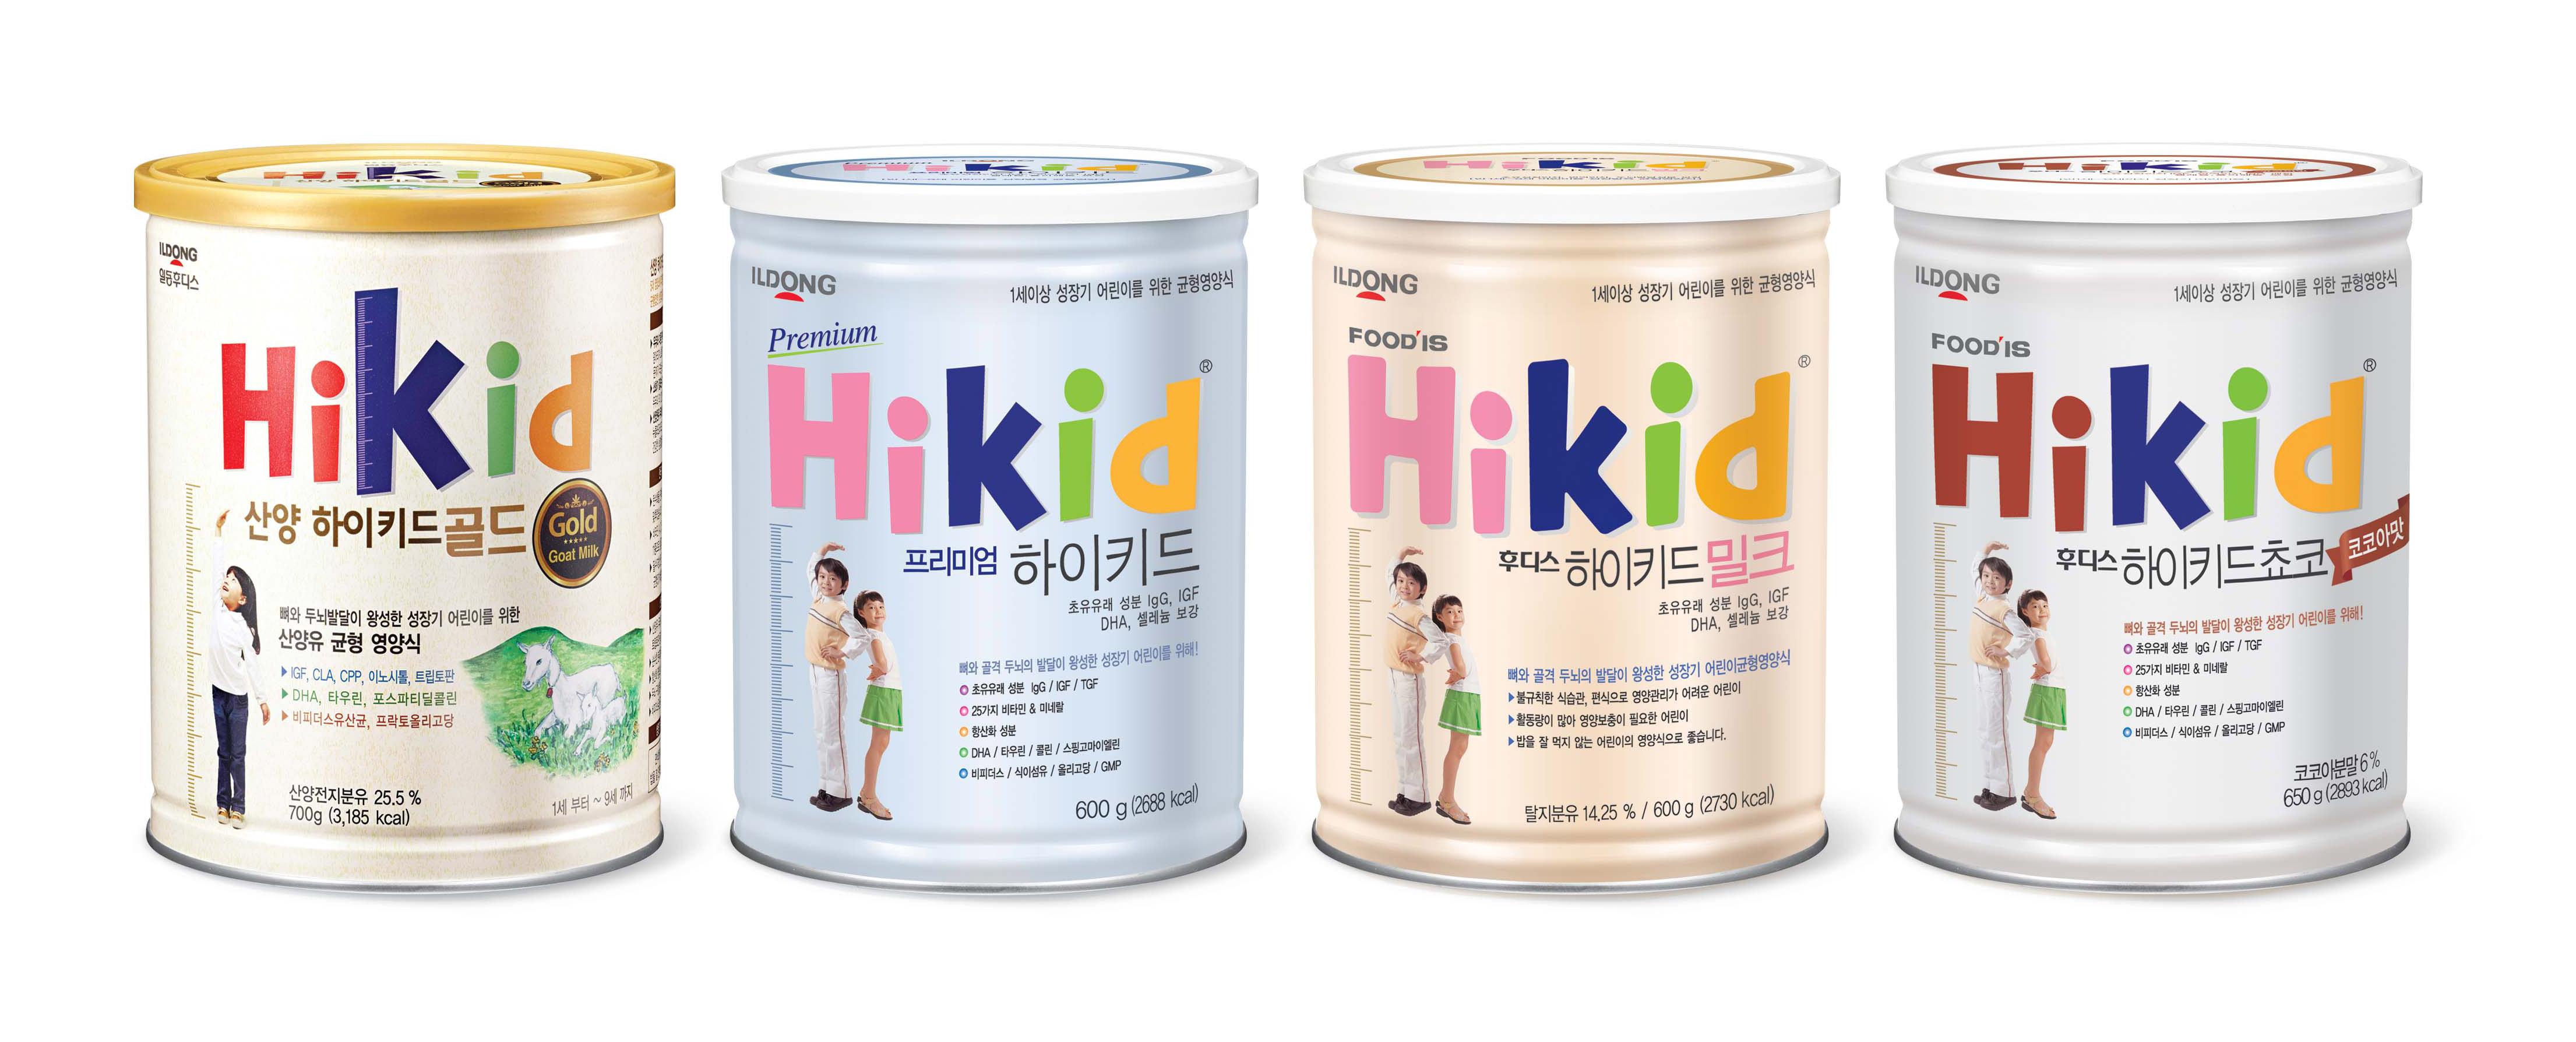 Review sữa Hikid có tốt không? Cách pha sữa Hikid chuẩn Hàn